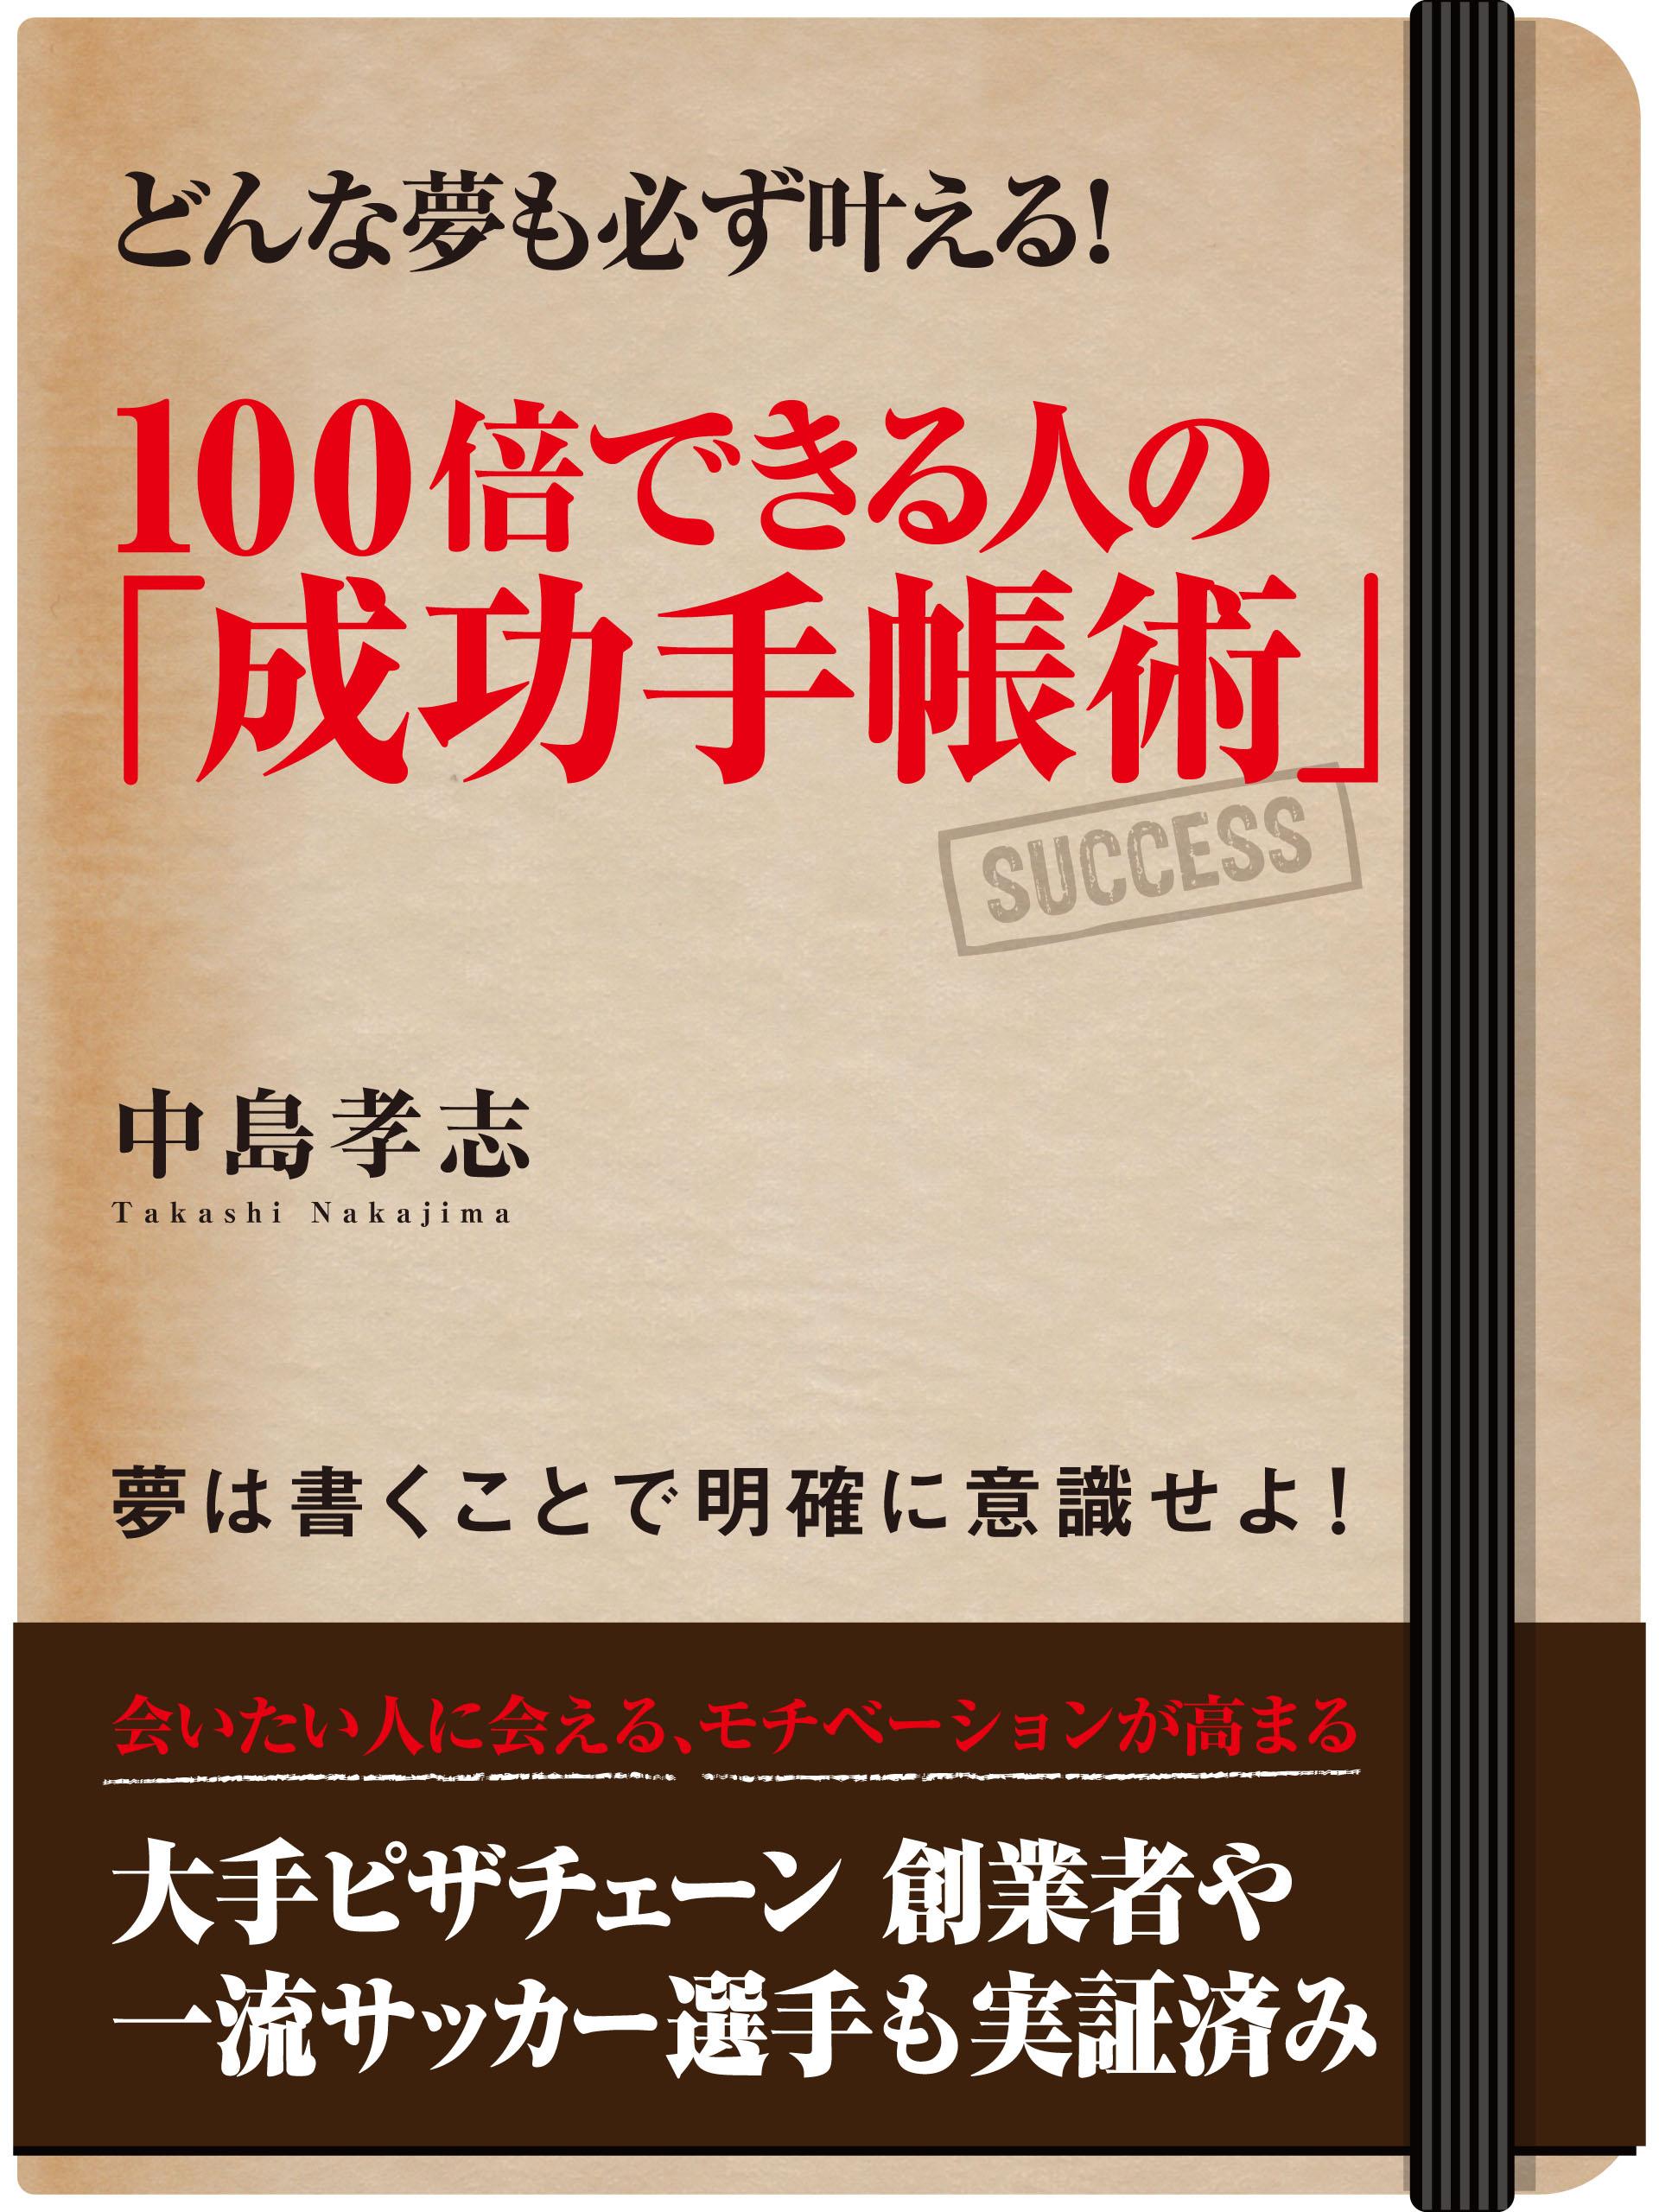 どんな夢も必ず叶える! 100倍できる人の「成功手帳術」